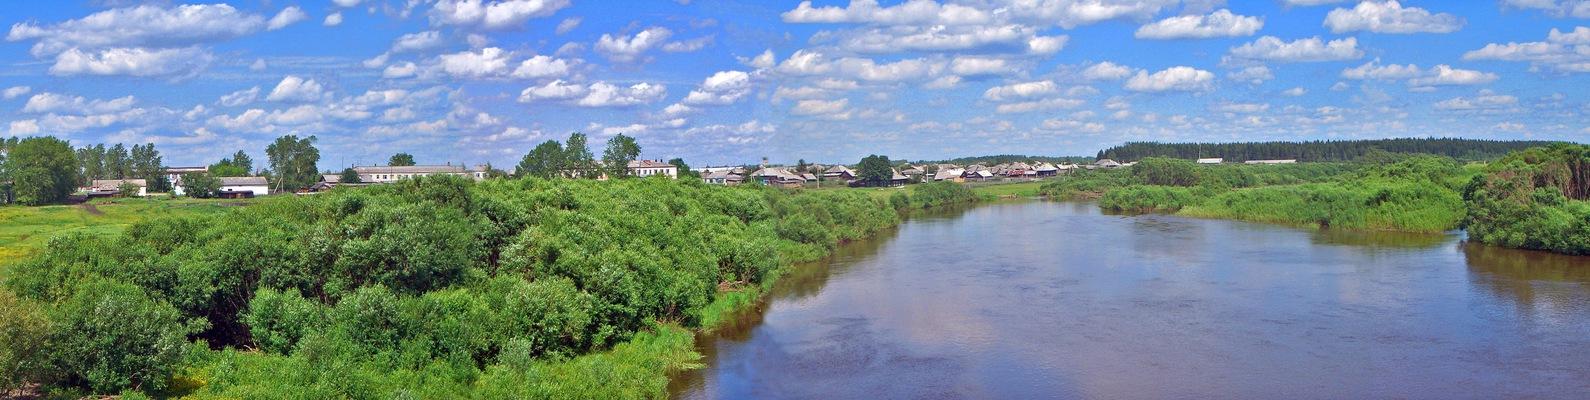 основные направления старые фото деревни горки ирбитский район говорить